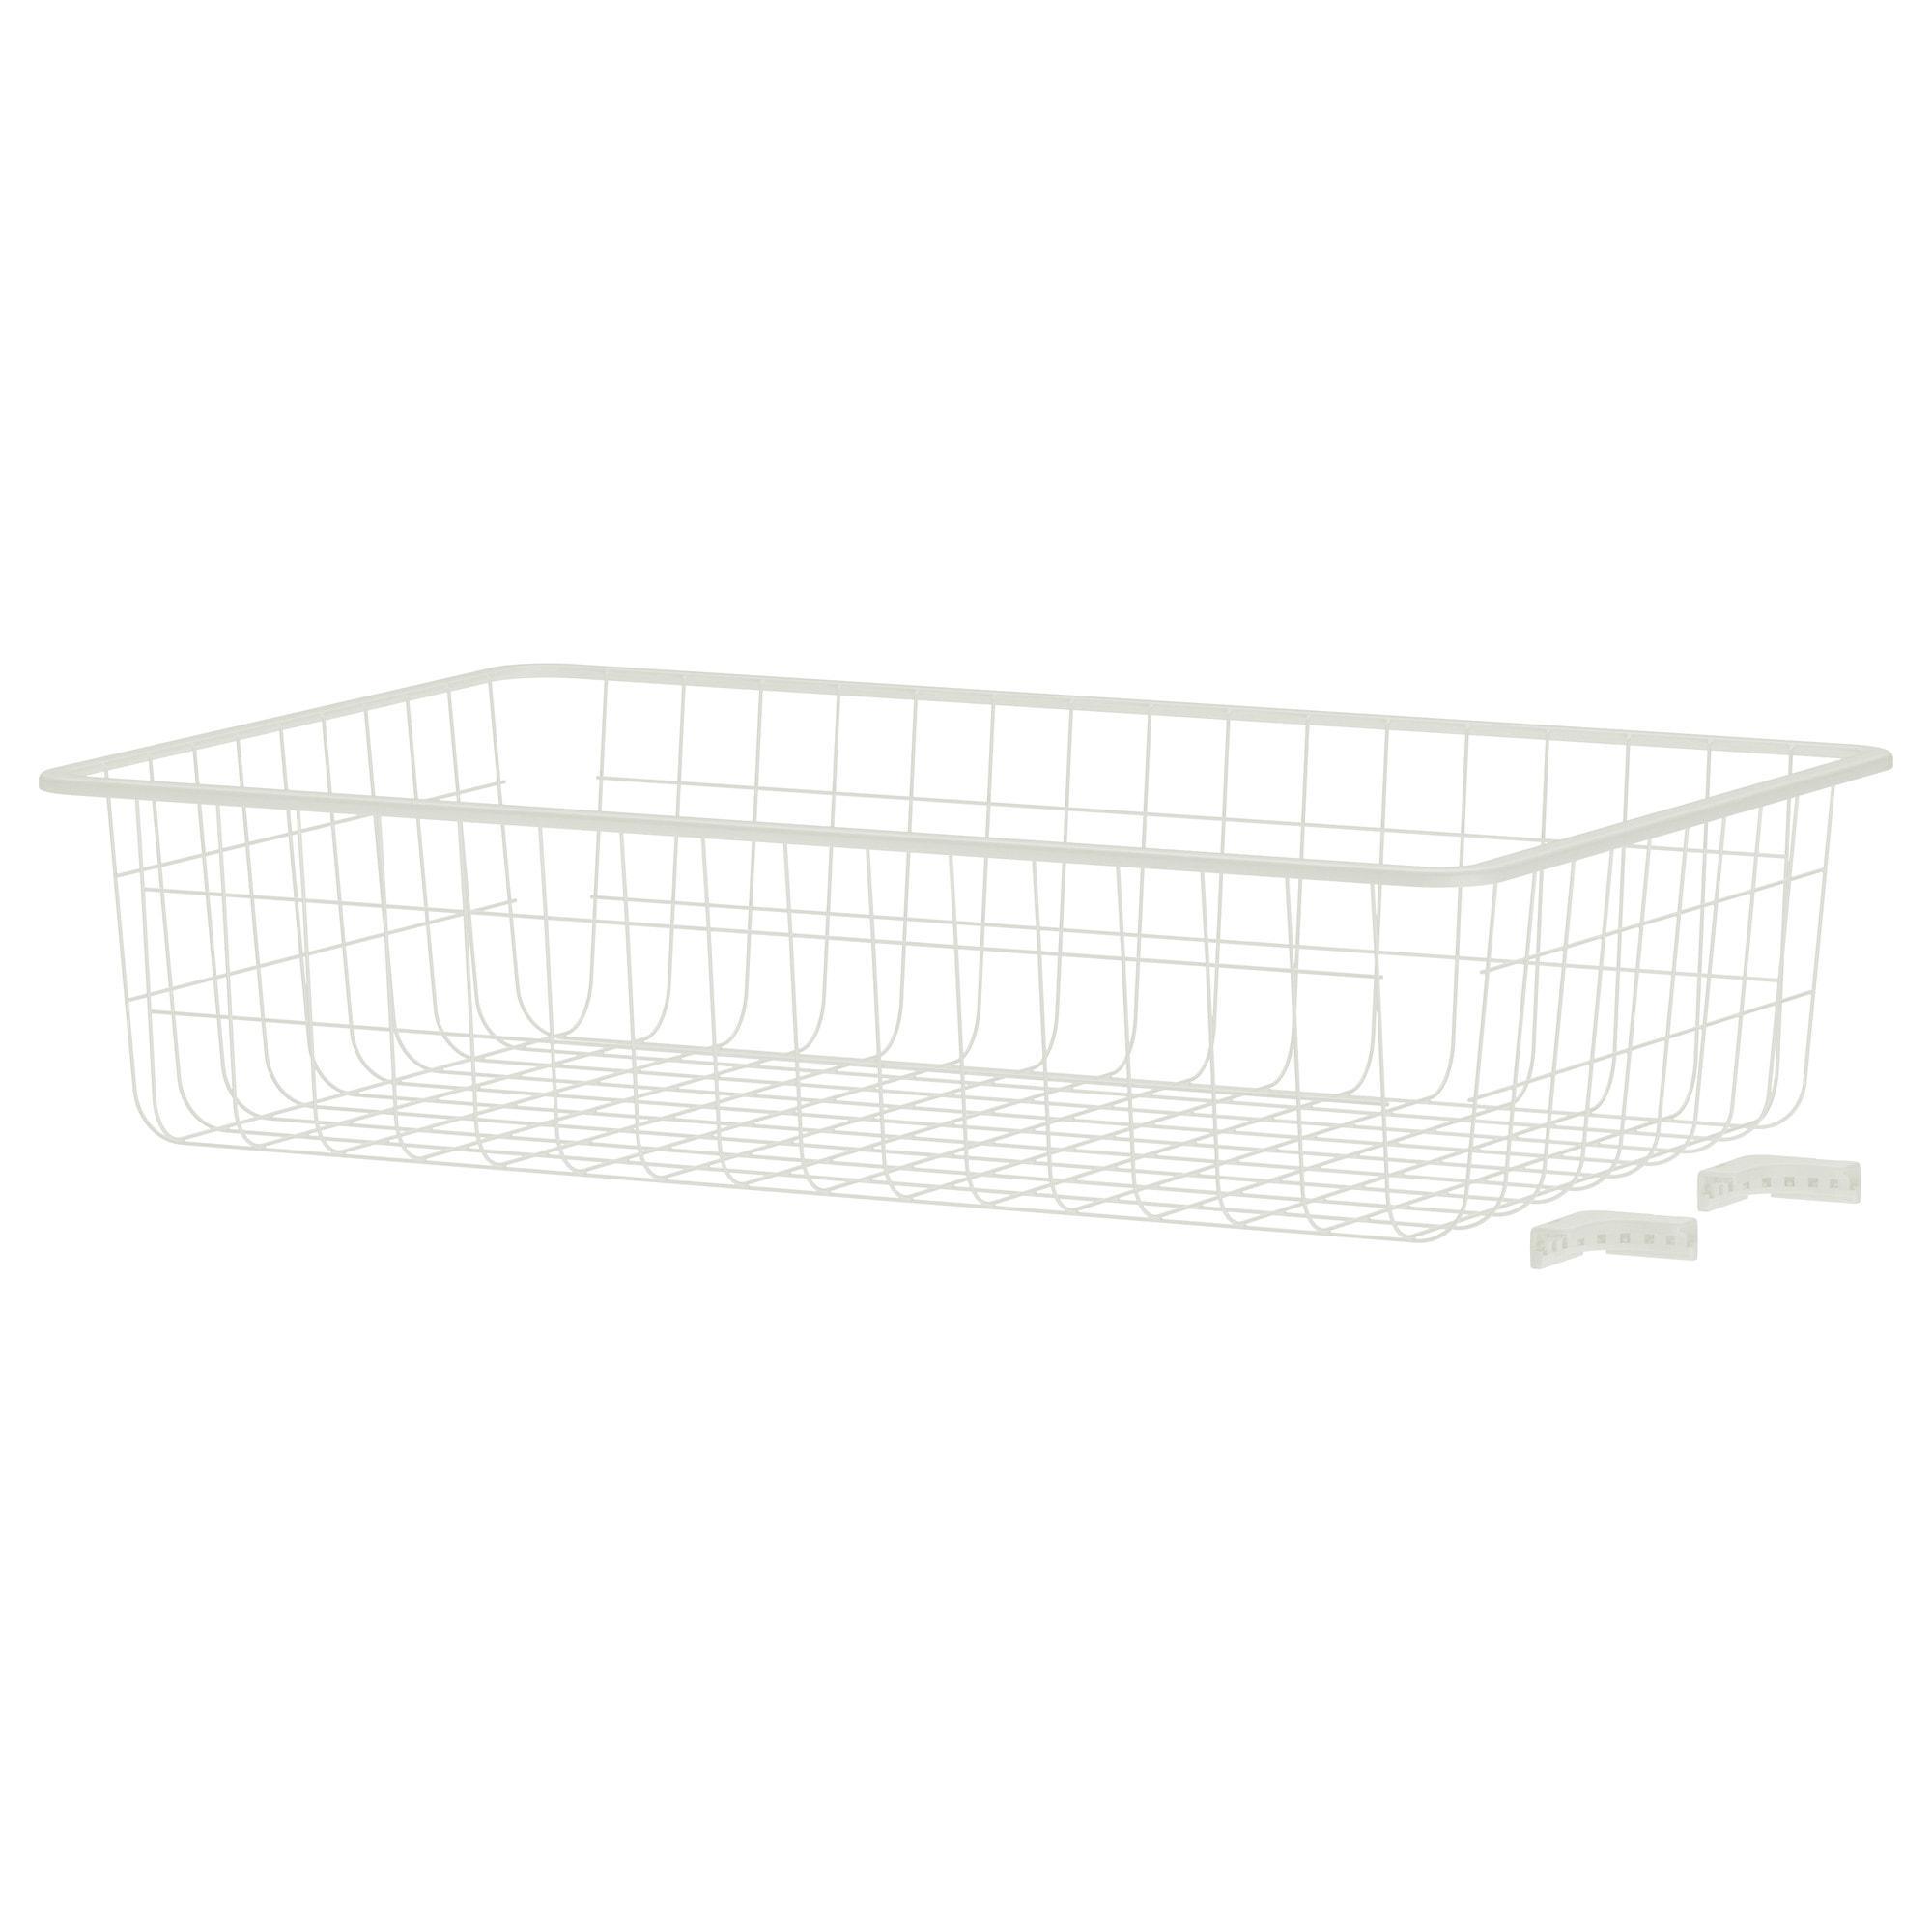 PROMO!! IKEA ALGOT Keranjang Kawat Putih Ukuran 38x60x14 cm MURAH /  BUBBLE 3 LAPIS / ORIGINAL / IKEA ORIGINAL